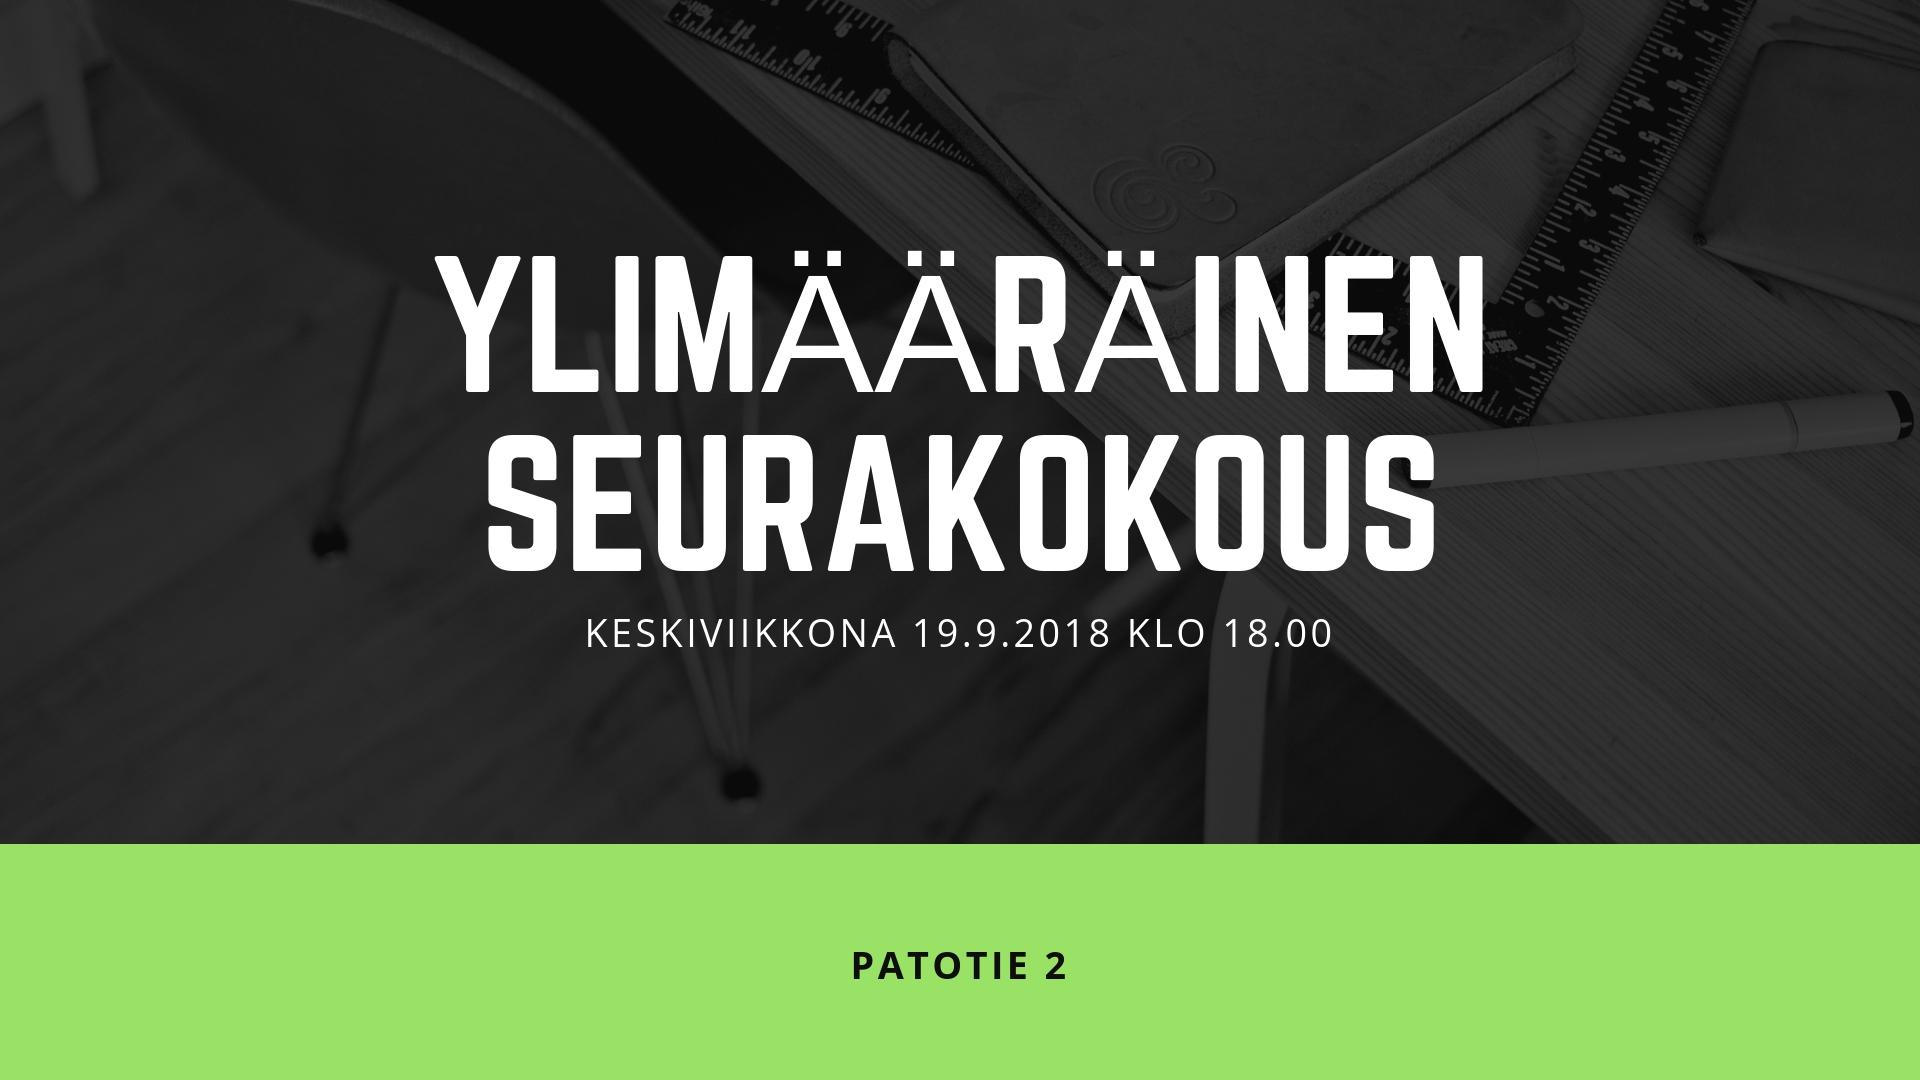 Ylimääräinen seurakokous ke 19.9. klo 18.00